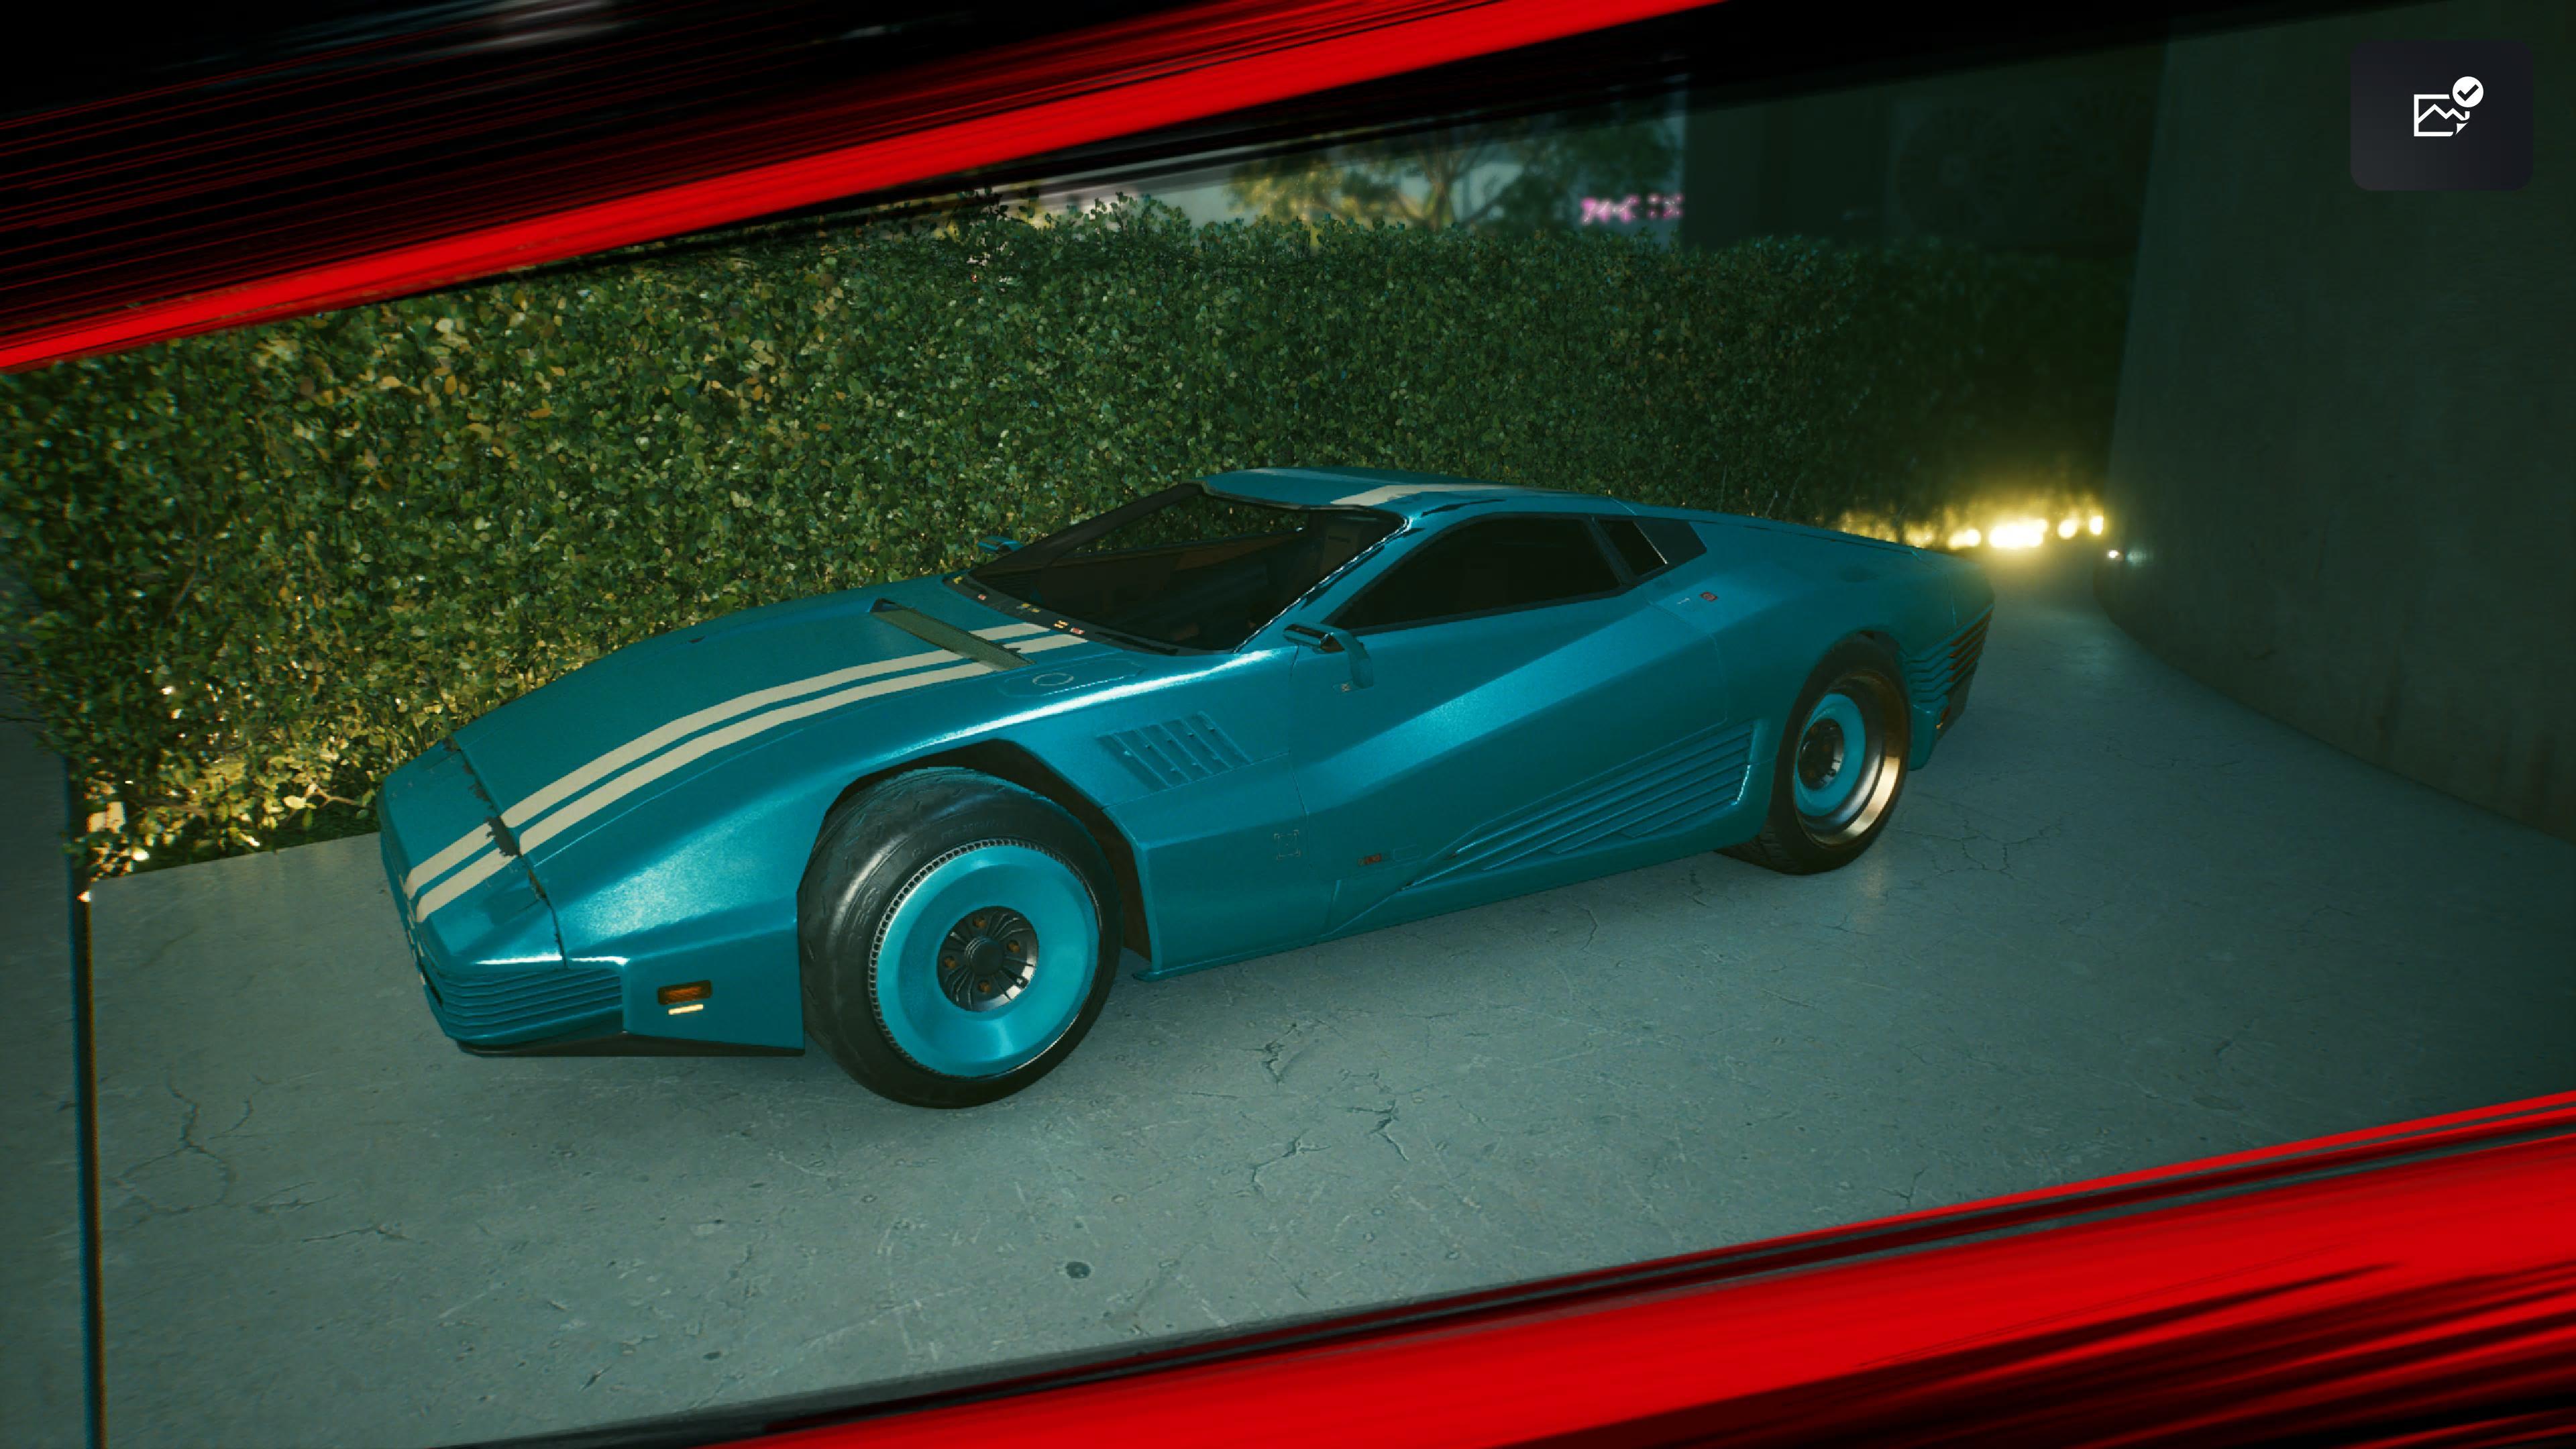 Cyberpunk 2077 - Quadra Turbo